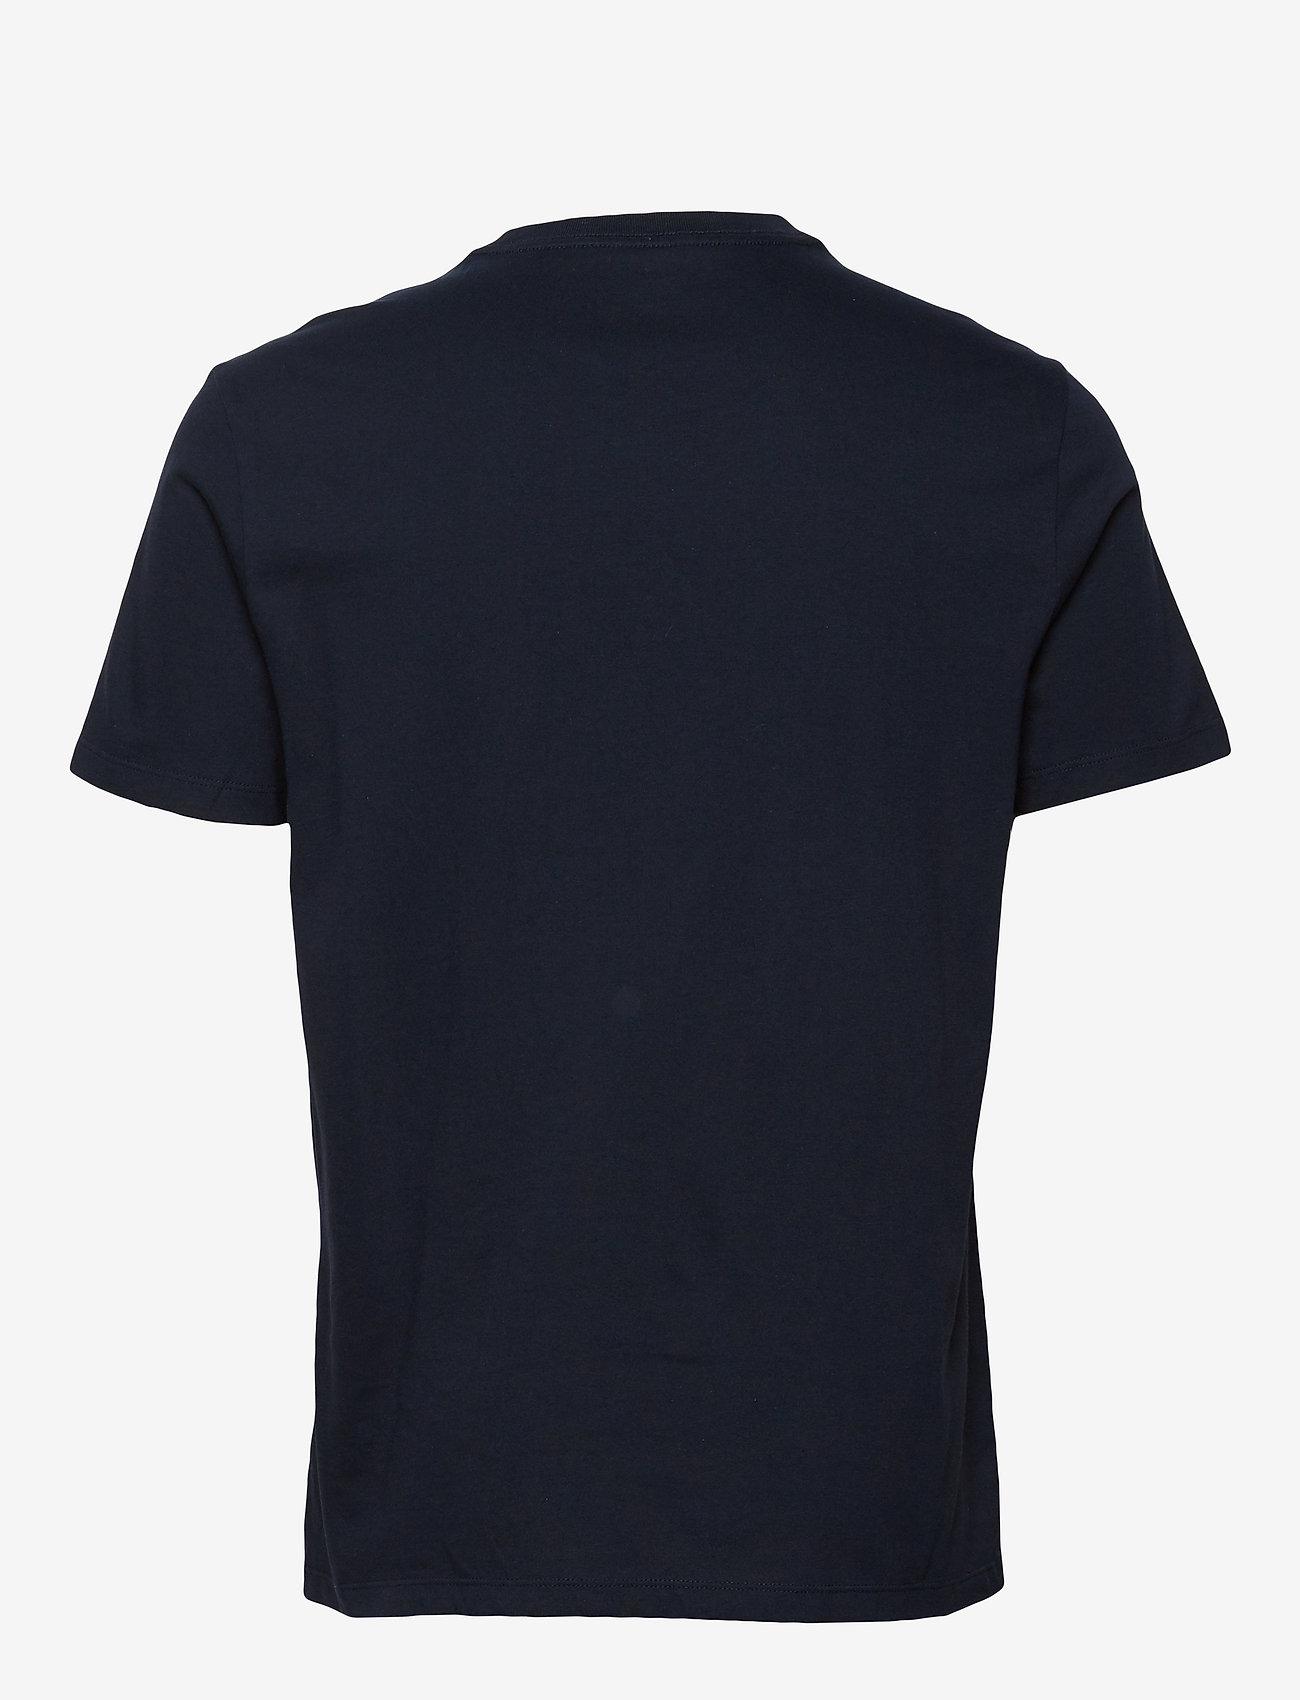 Gap Arch Est 69 T - T-shirts